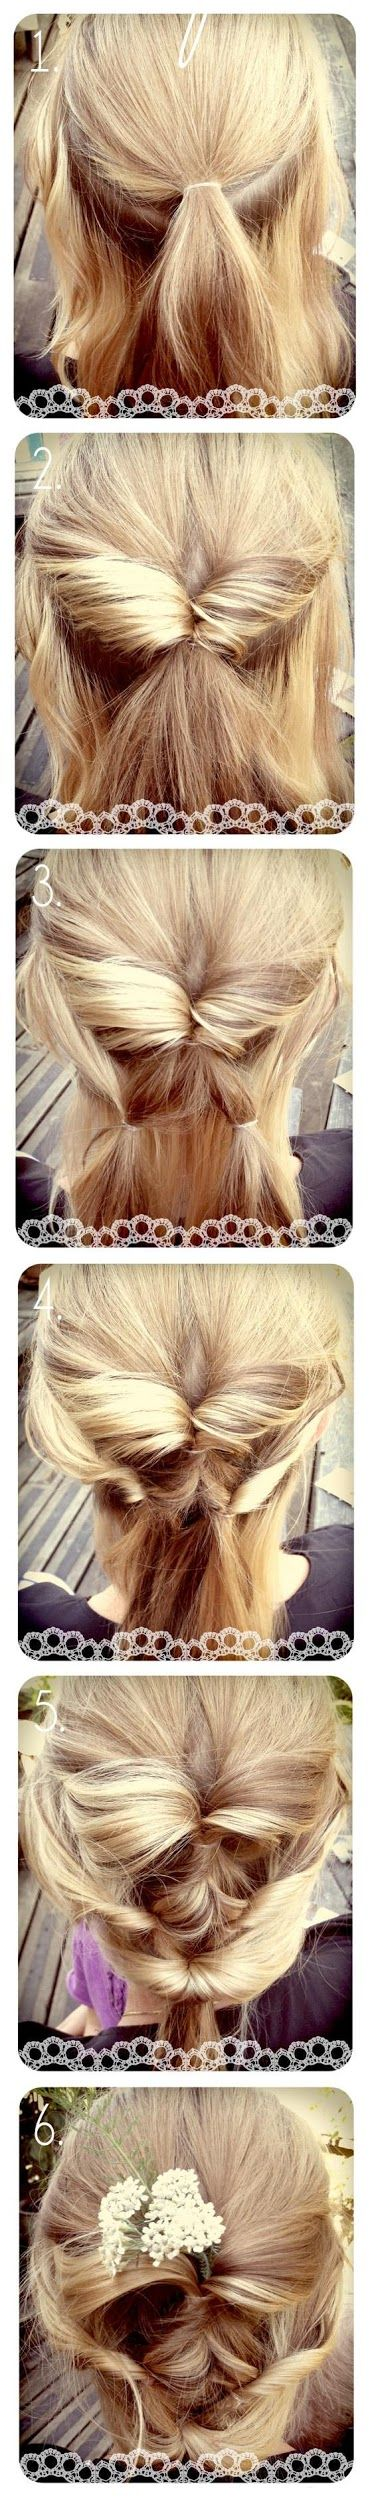 Pretty hairstyles for summer diy wedding hair diy wedding and